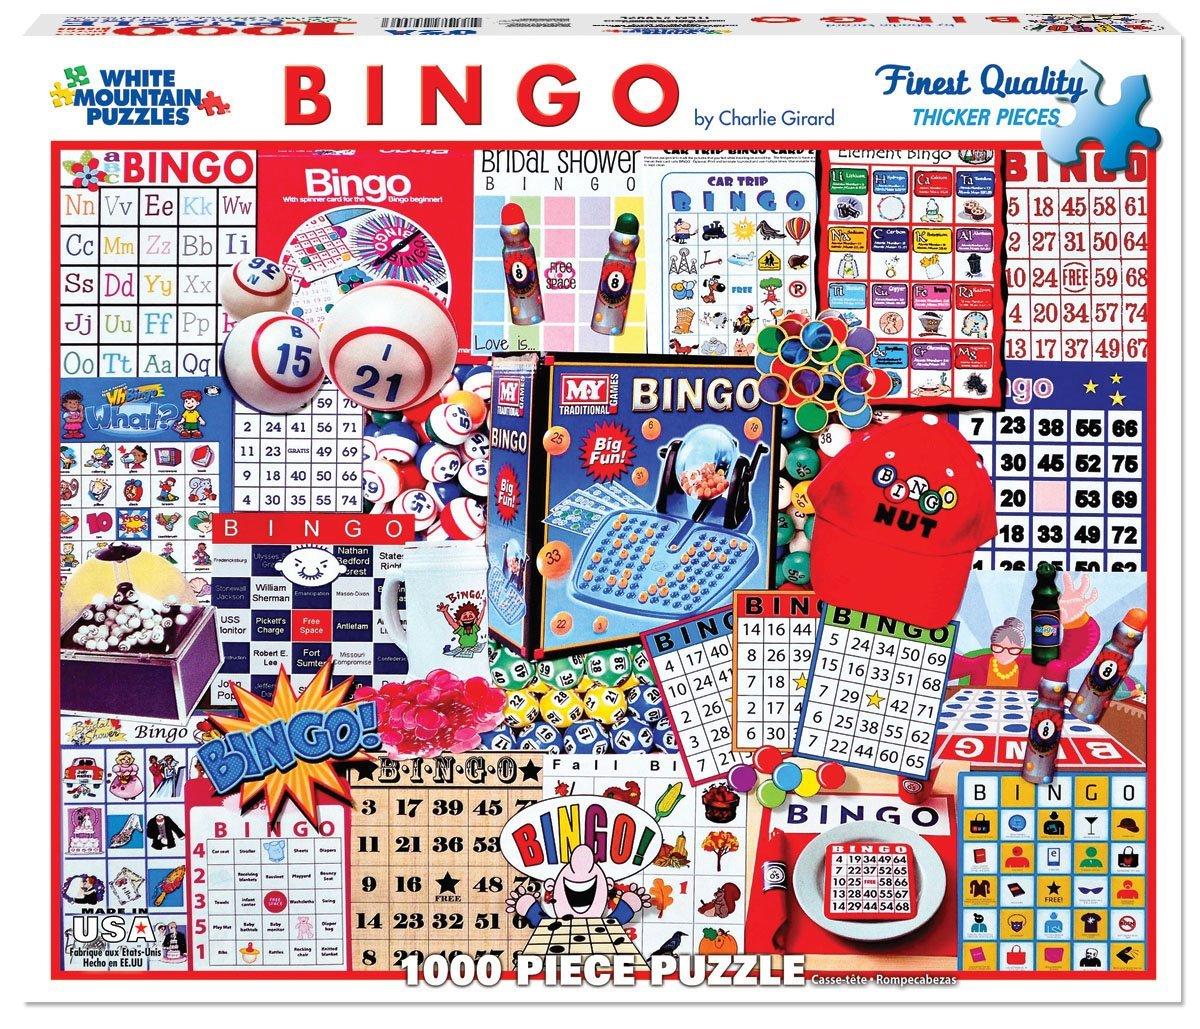 White Mountain Puzzles Bingo Collage